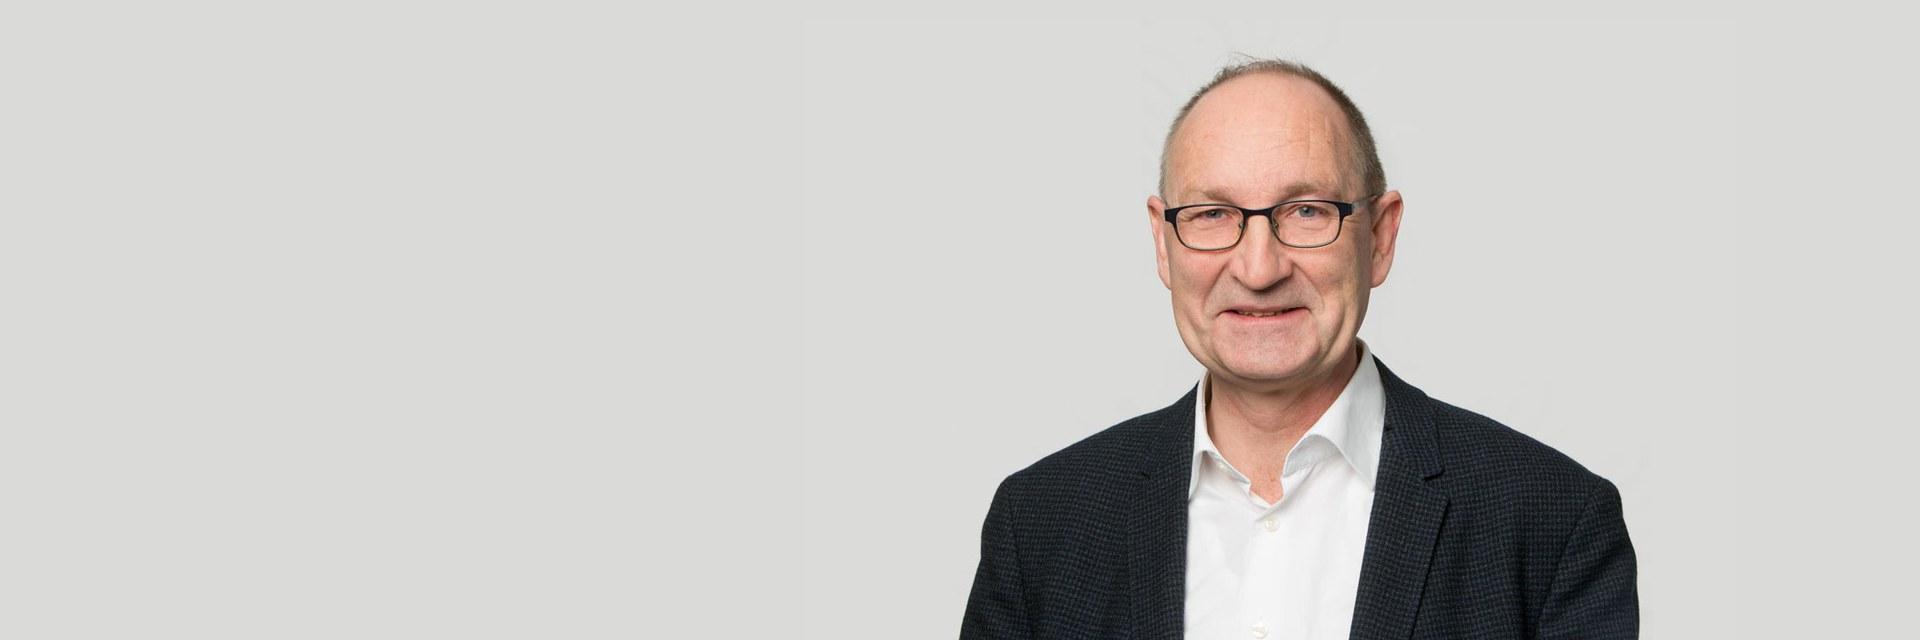 Prof. Emilio Sutter